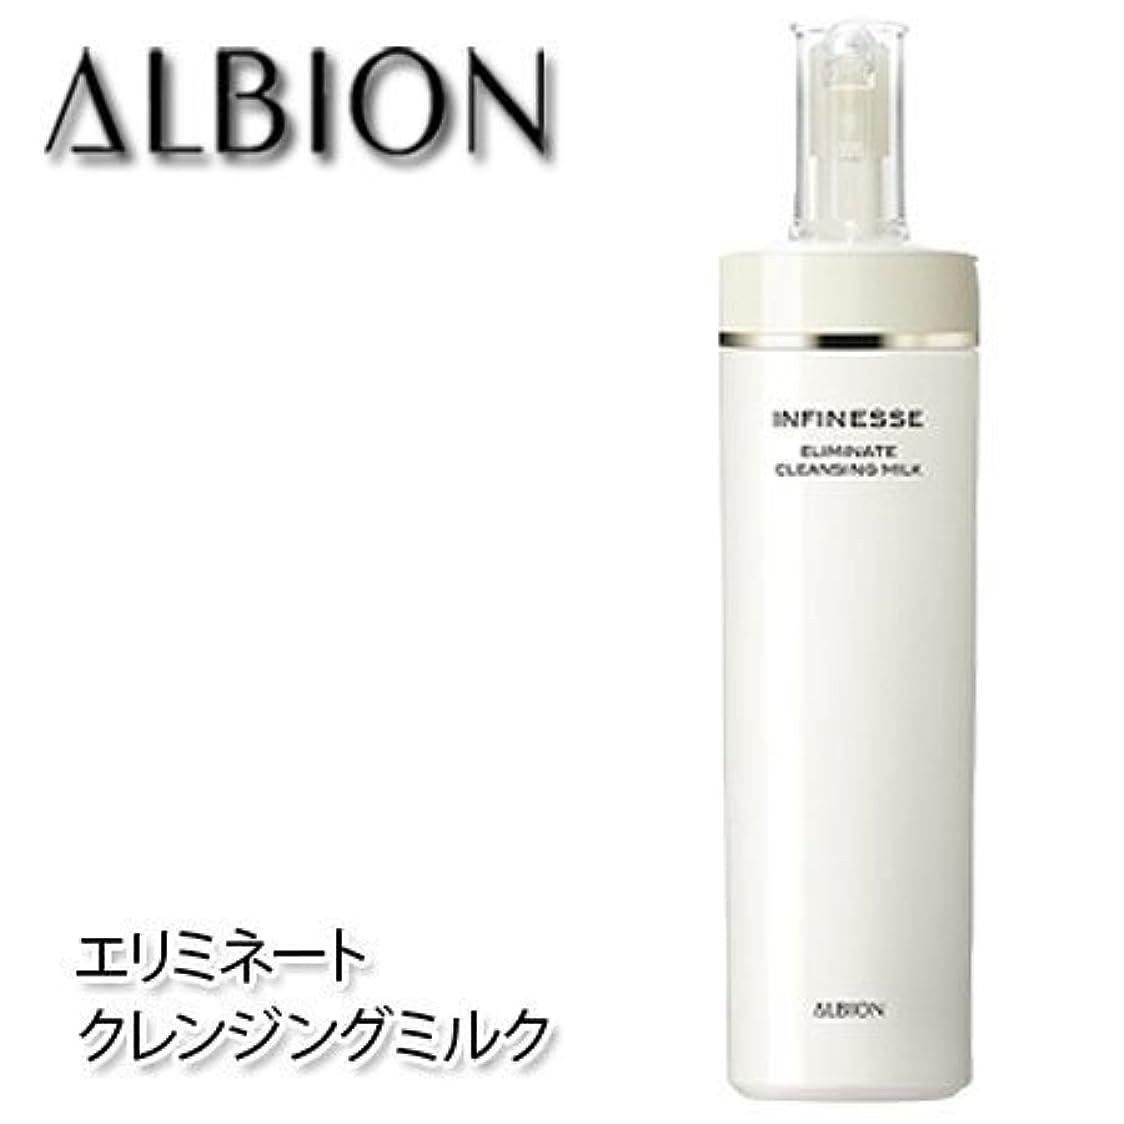 優しさ風変わりな世辞アルビオン アンフィネス エリミネート クレンジングミルク 200g-ALBION-